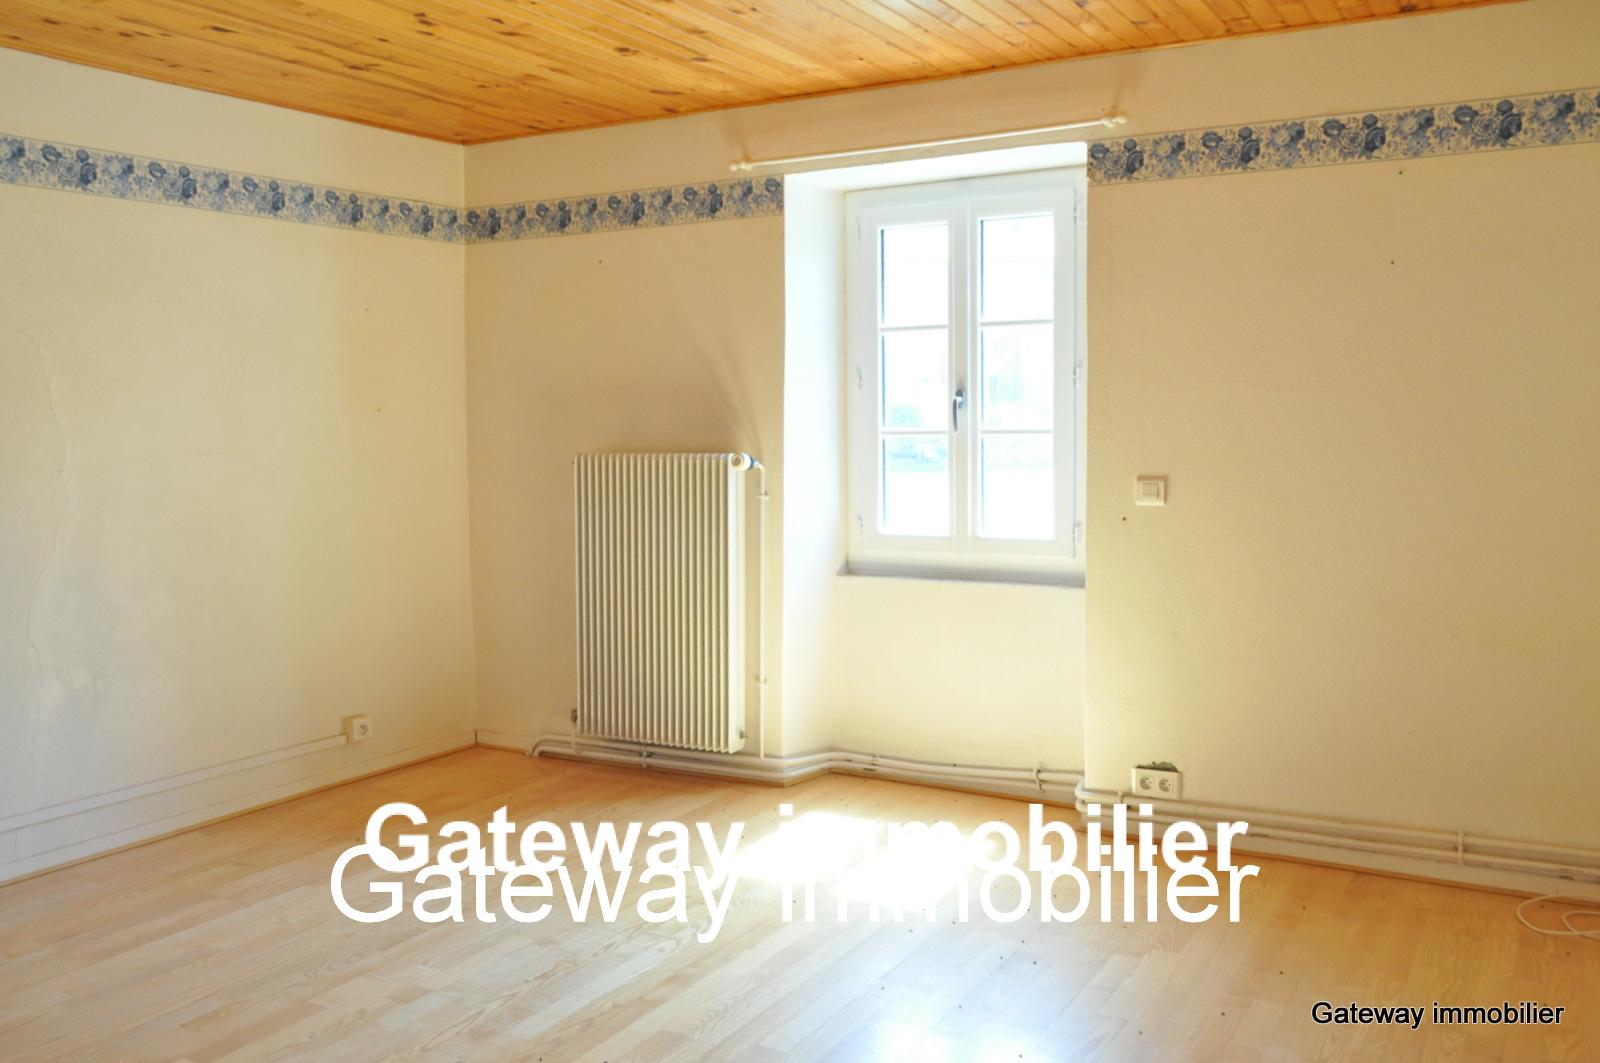 Vente maison du 19eme siecle 150 m2 63320 st nectaire for Prix maison 150 m2